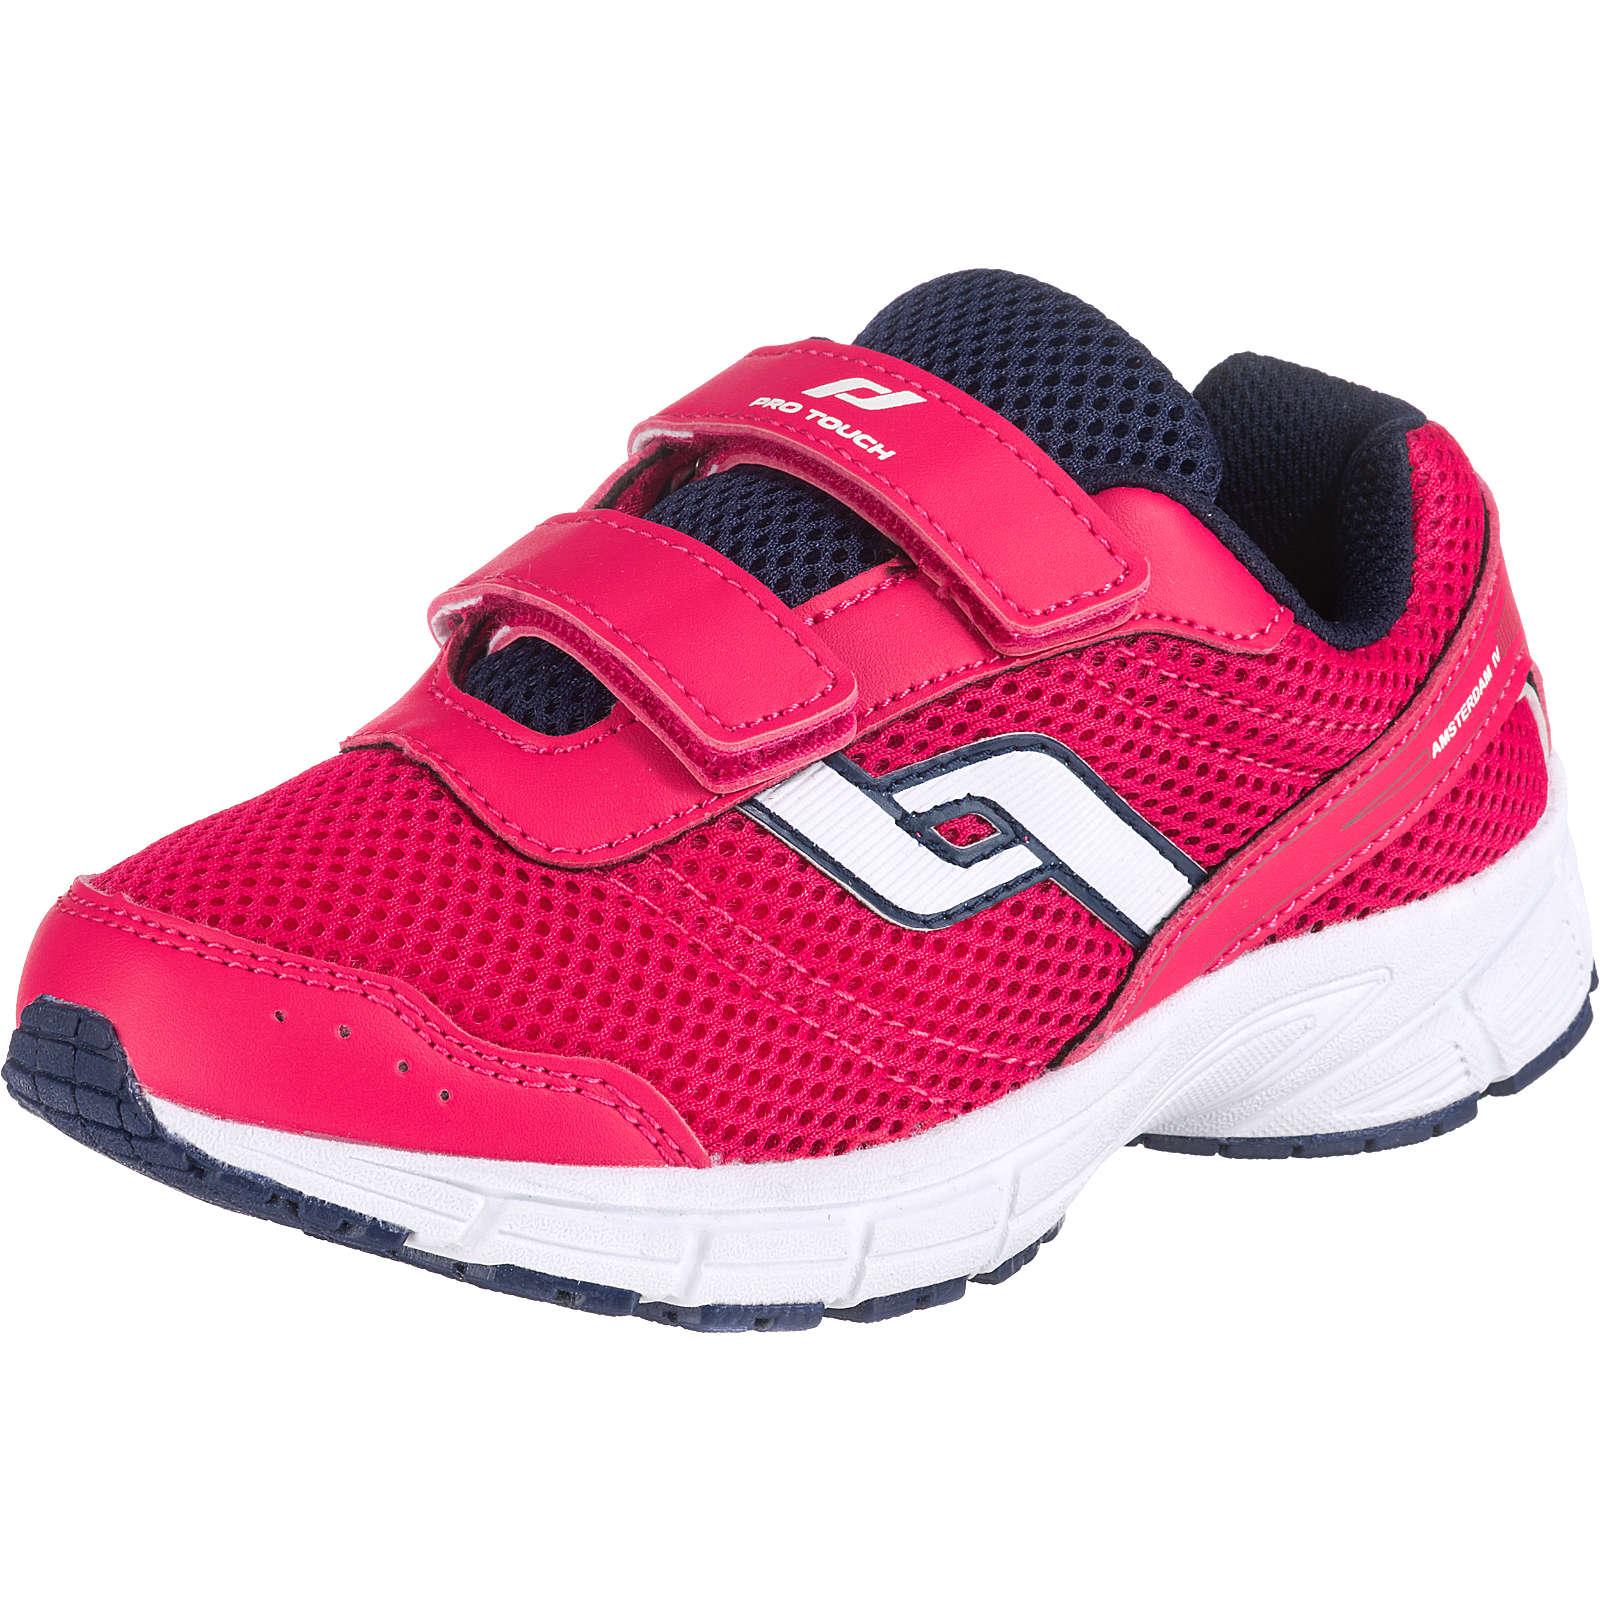 Pro Touch Sportschuhe AMSTEDAM IV für Mädchen pink Mädchen Gr. 37